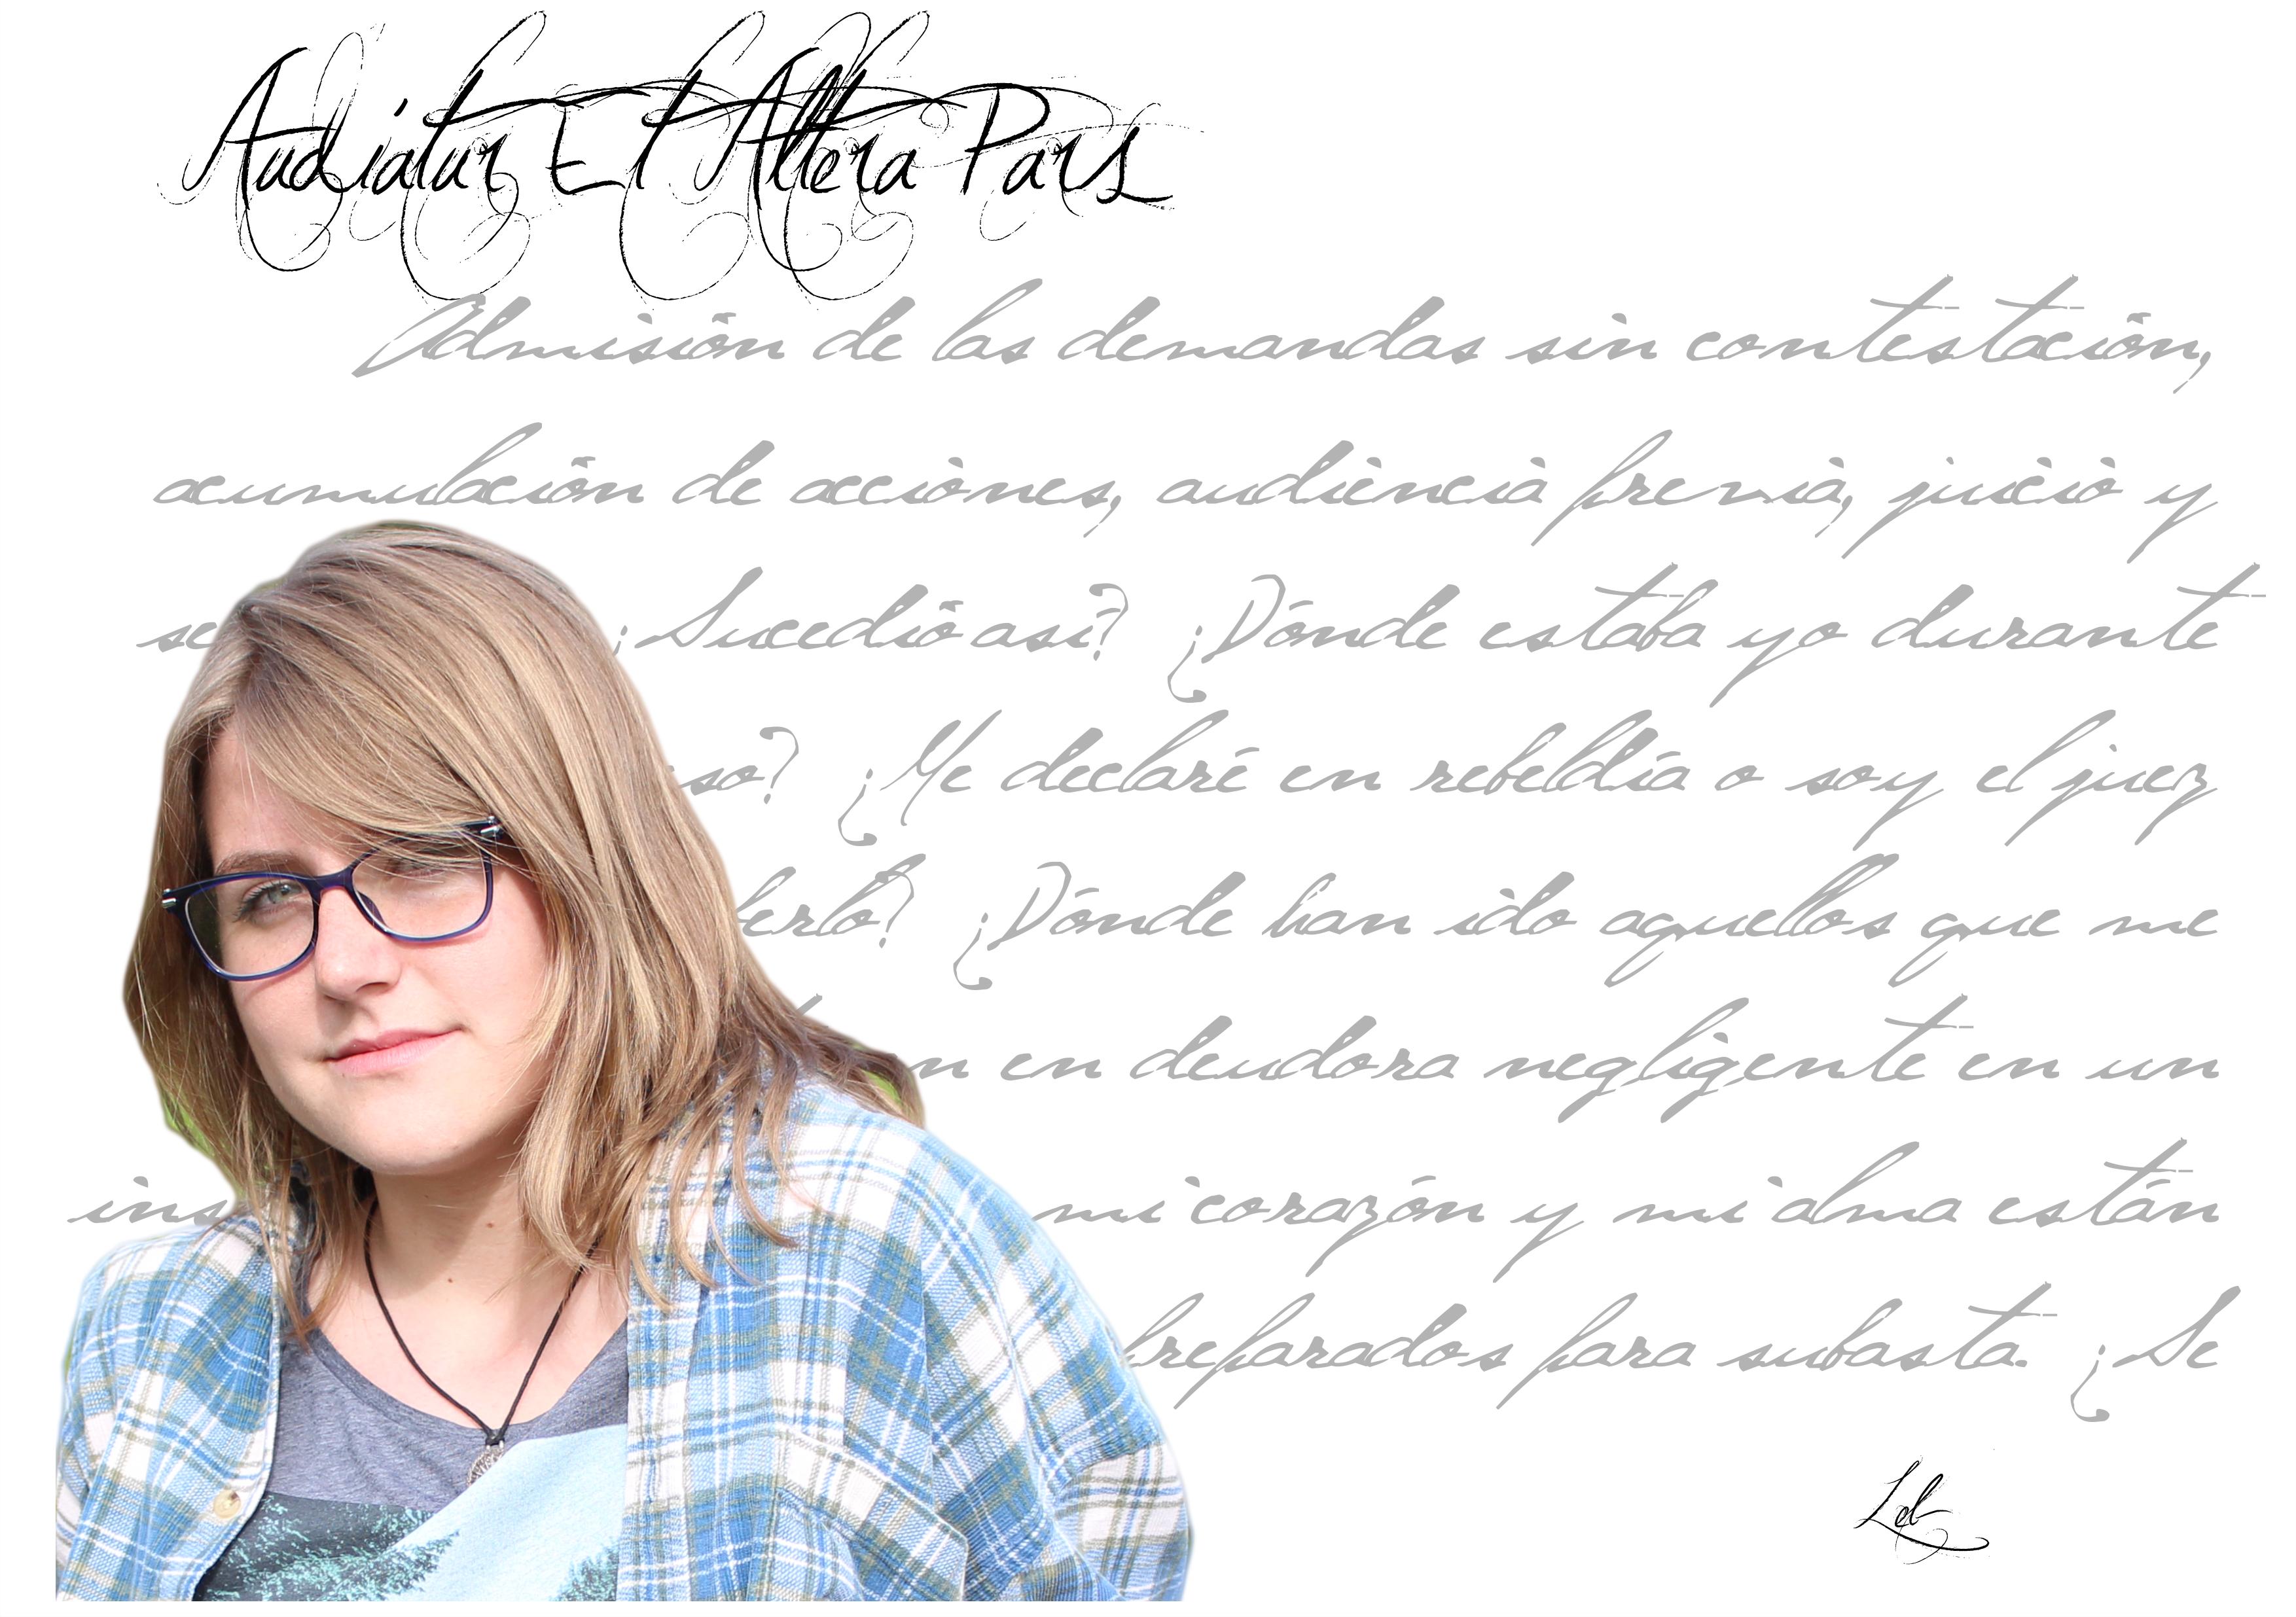 """Marta Paricio Montesinos leb - FichaAutor 1 - LEB: """"La poesía permite darle voz a aquello que por el motivo que sea callaste y te arde por dentro""""."""